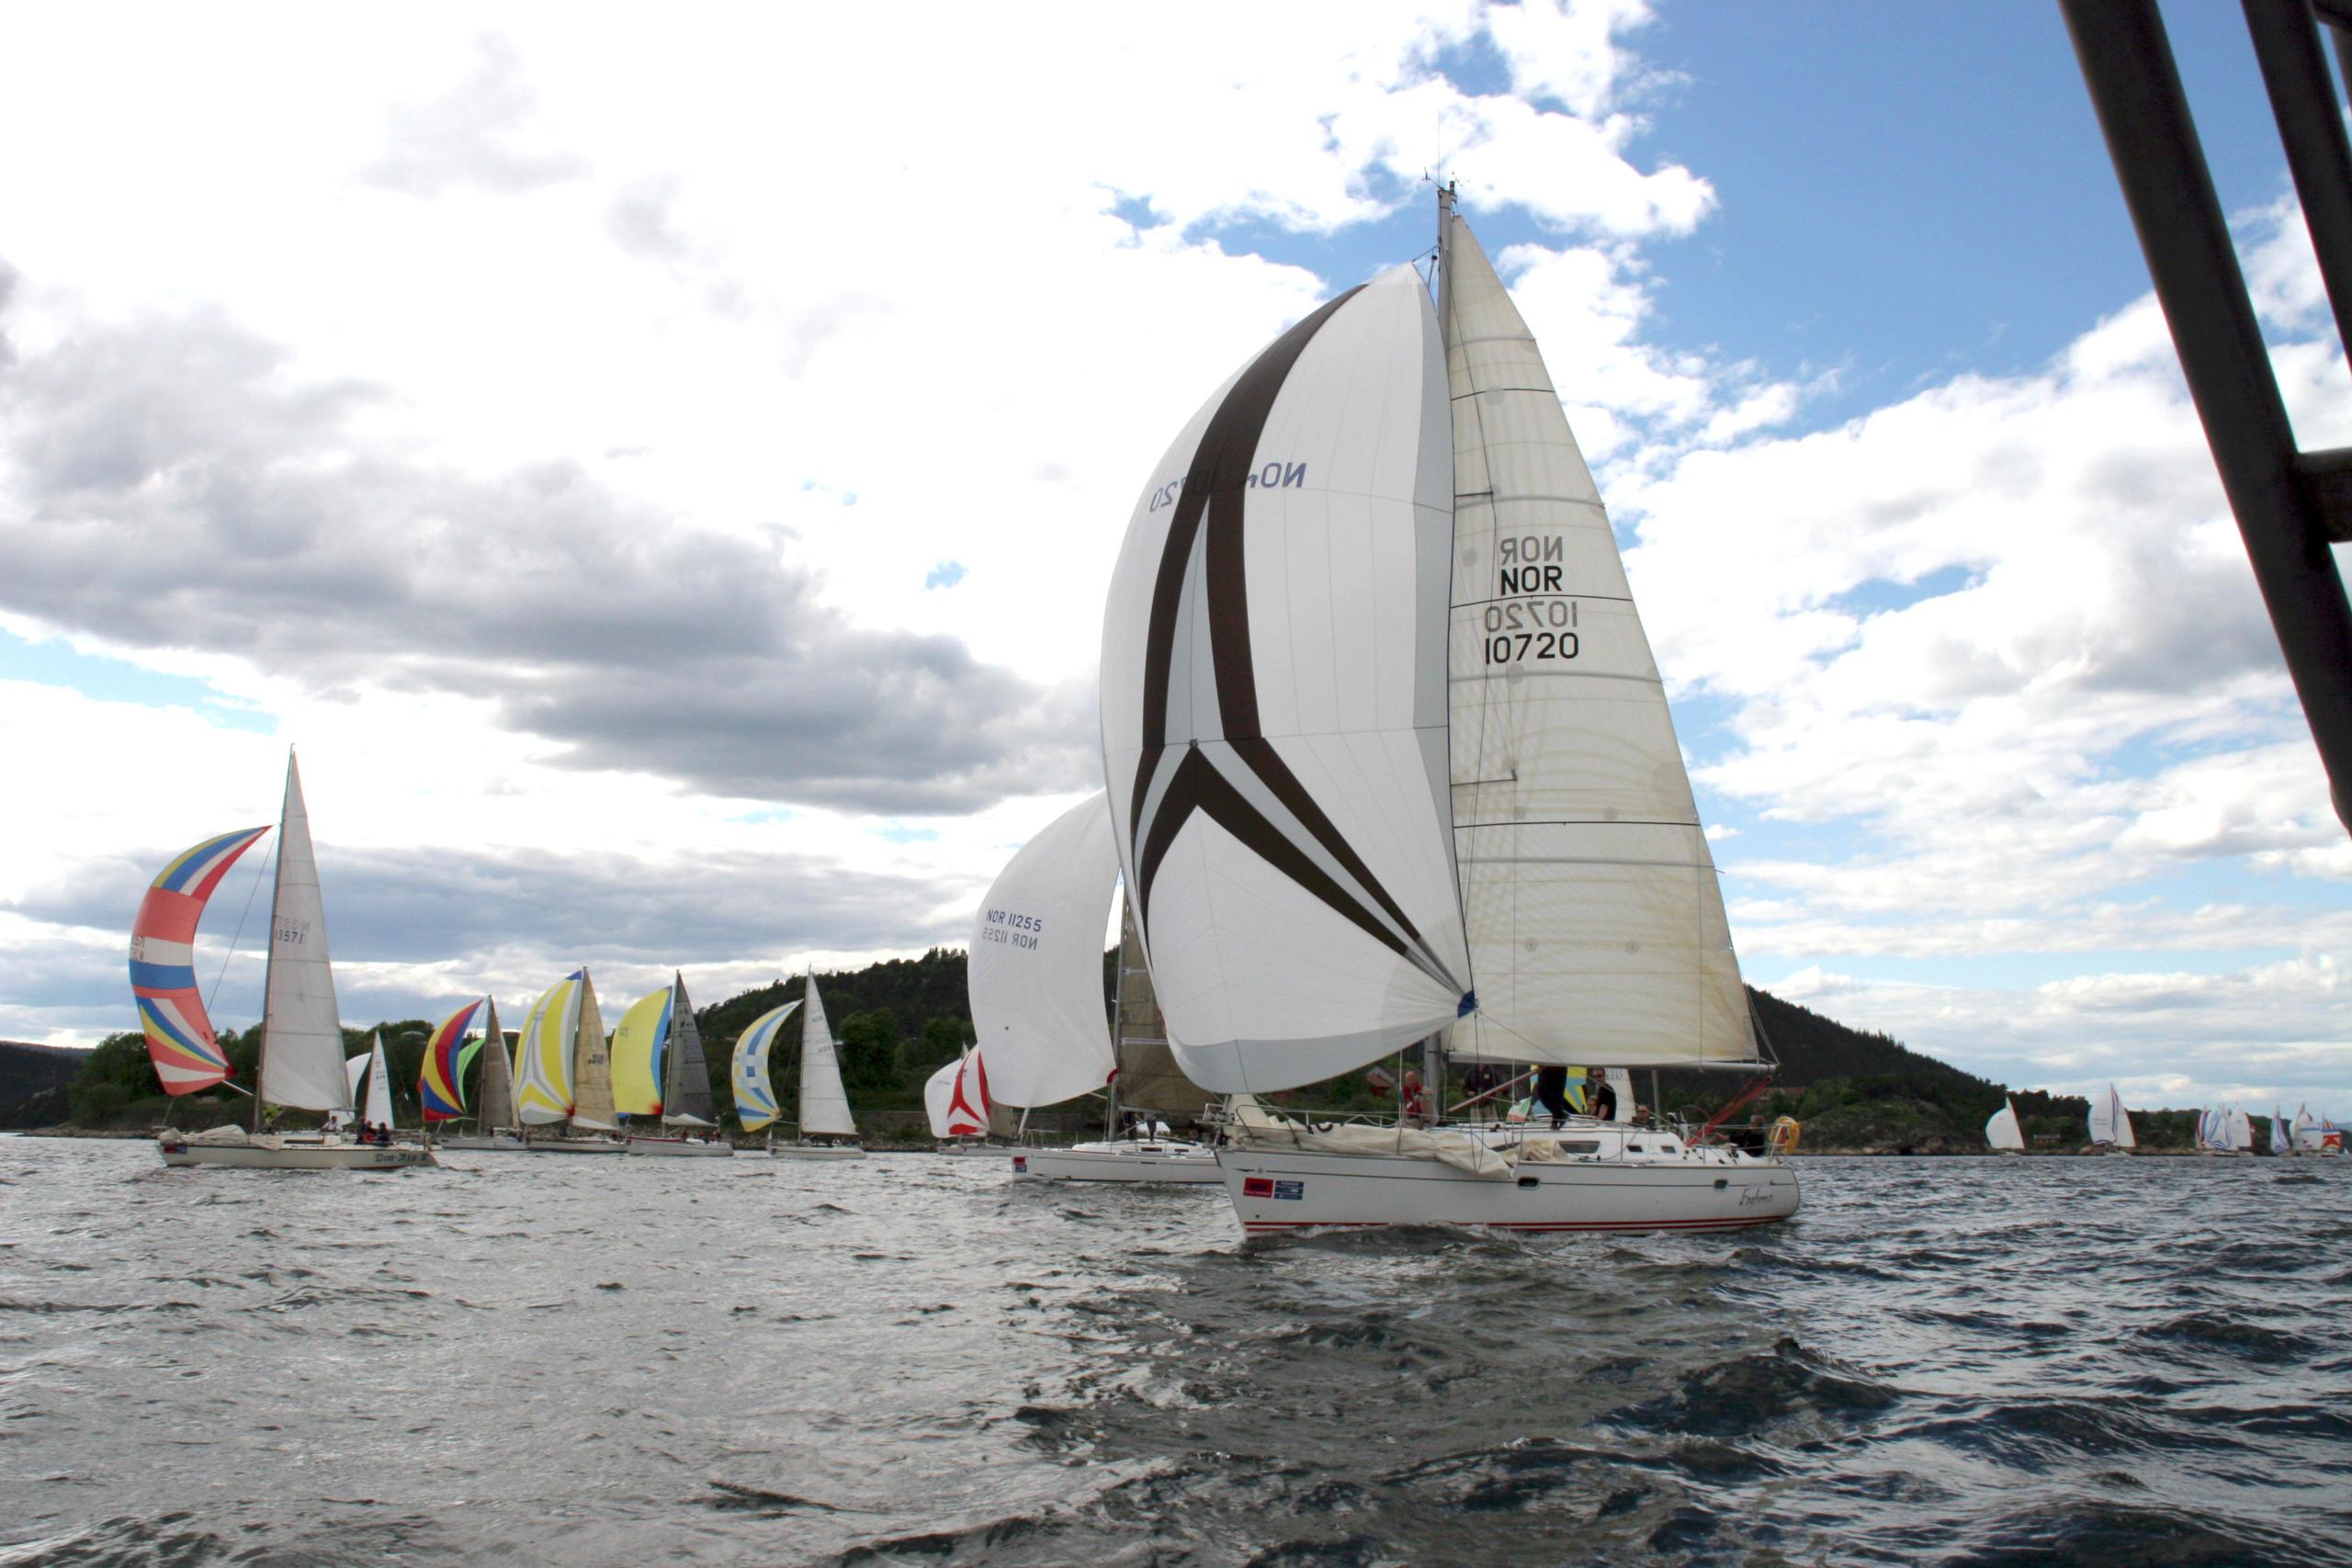 seilbåter med vind i seilene